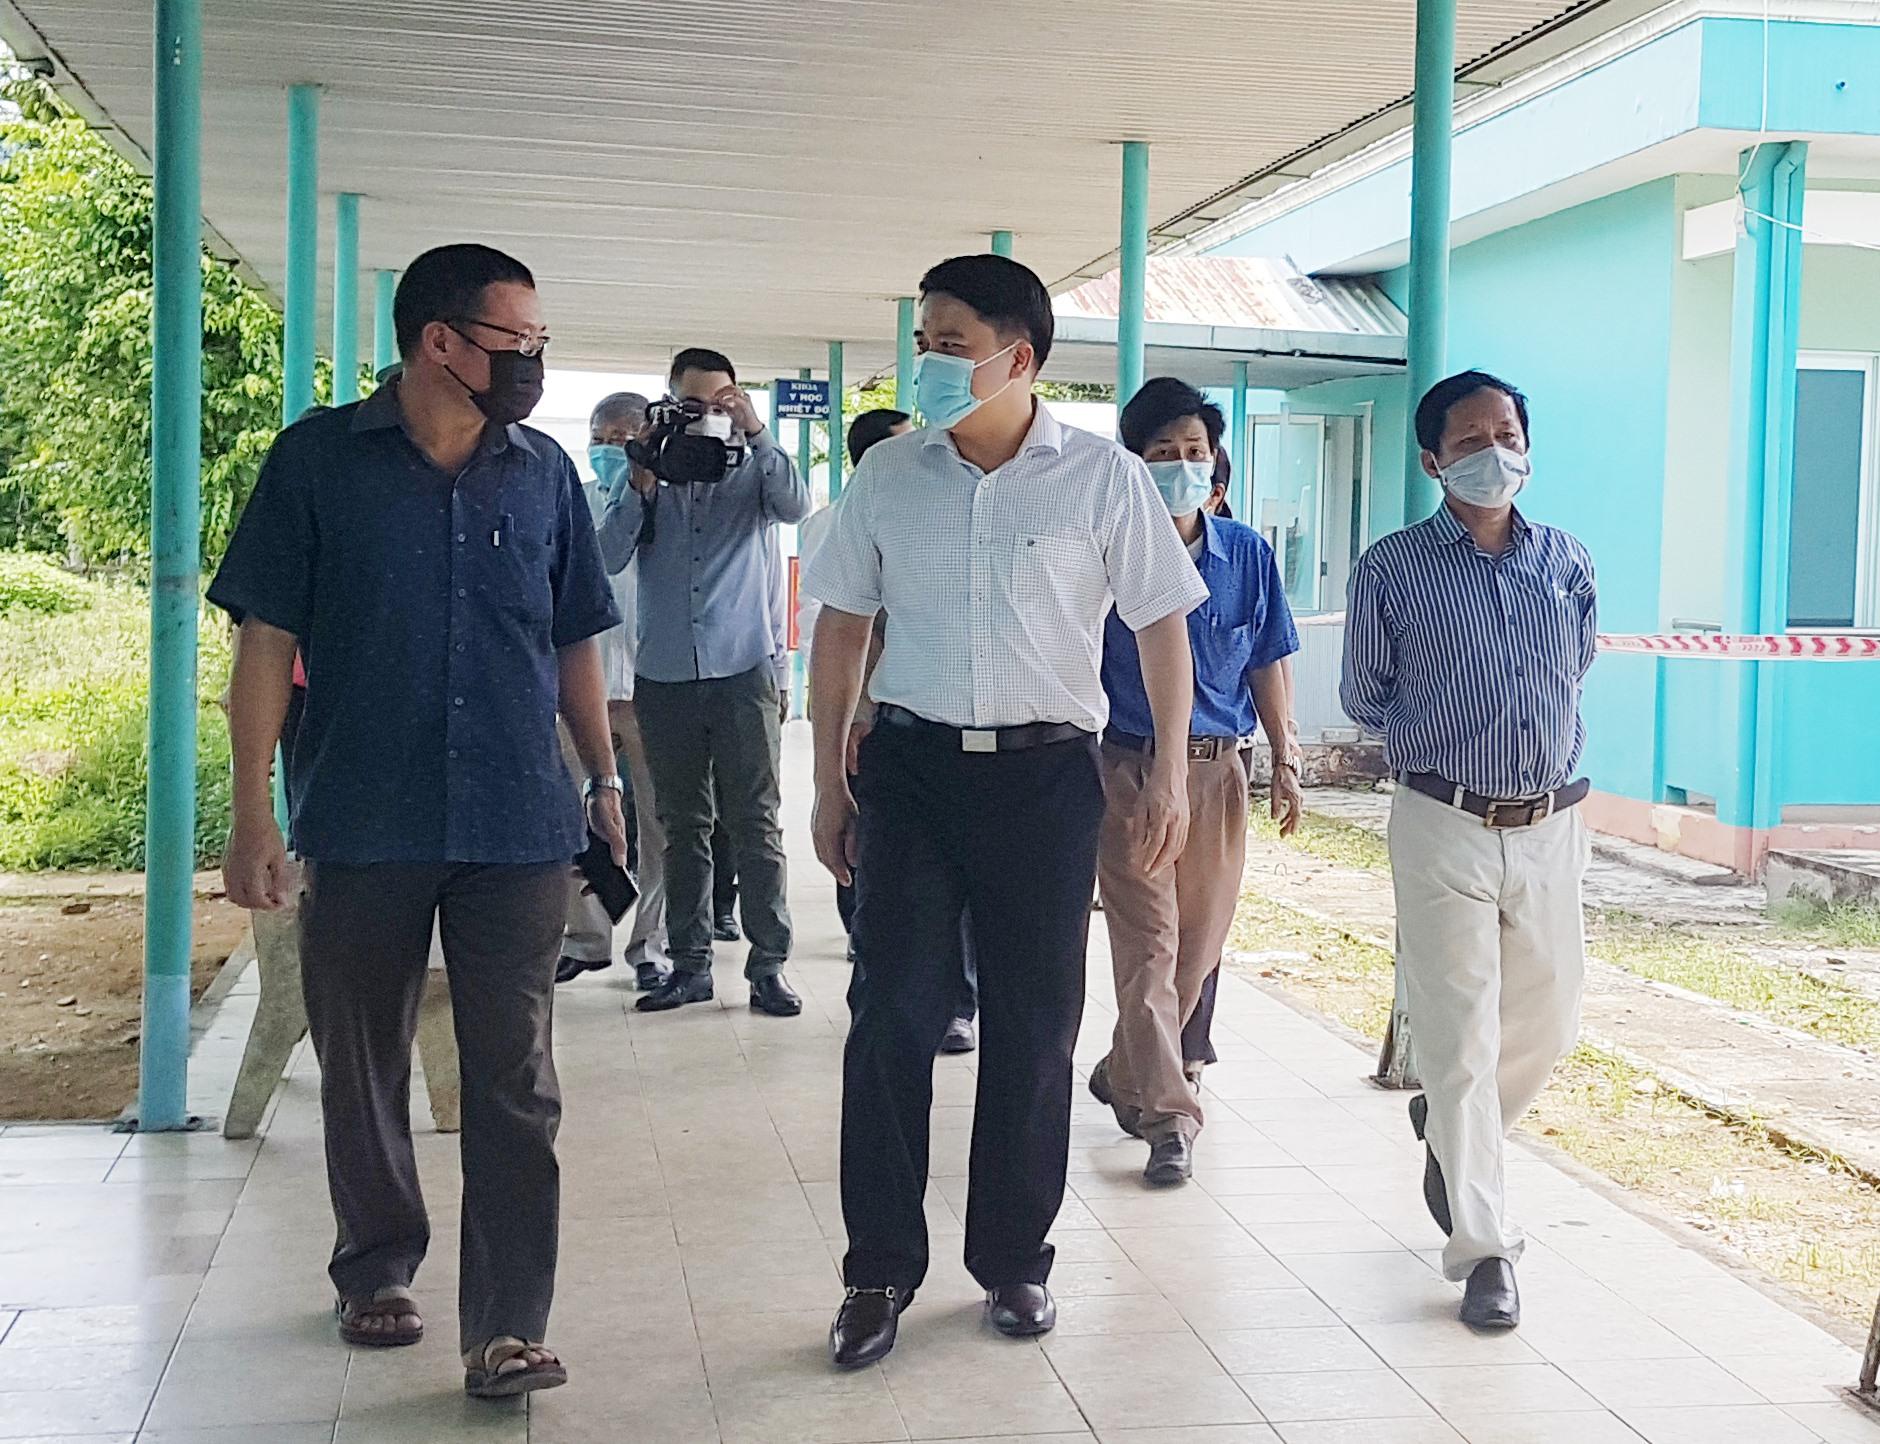 Phó Chủ tịch UBND tỉnh Trần Văn Tân kiểm tra điều kiện điều trị bệnh nhân Covid-19 tại Trung tâm Y tế huyện Tiên Phước. Ảnh: D.L